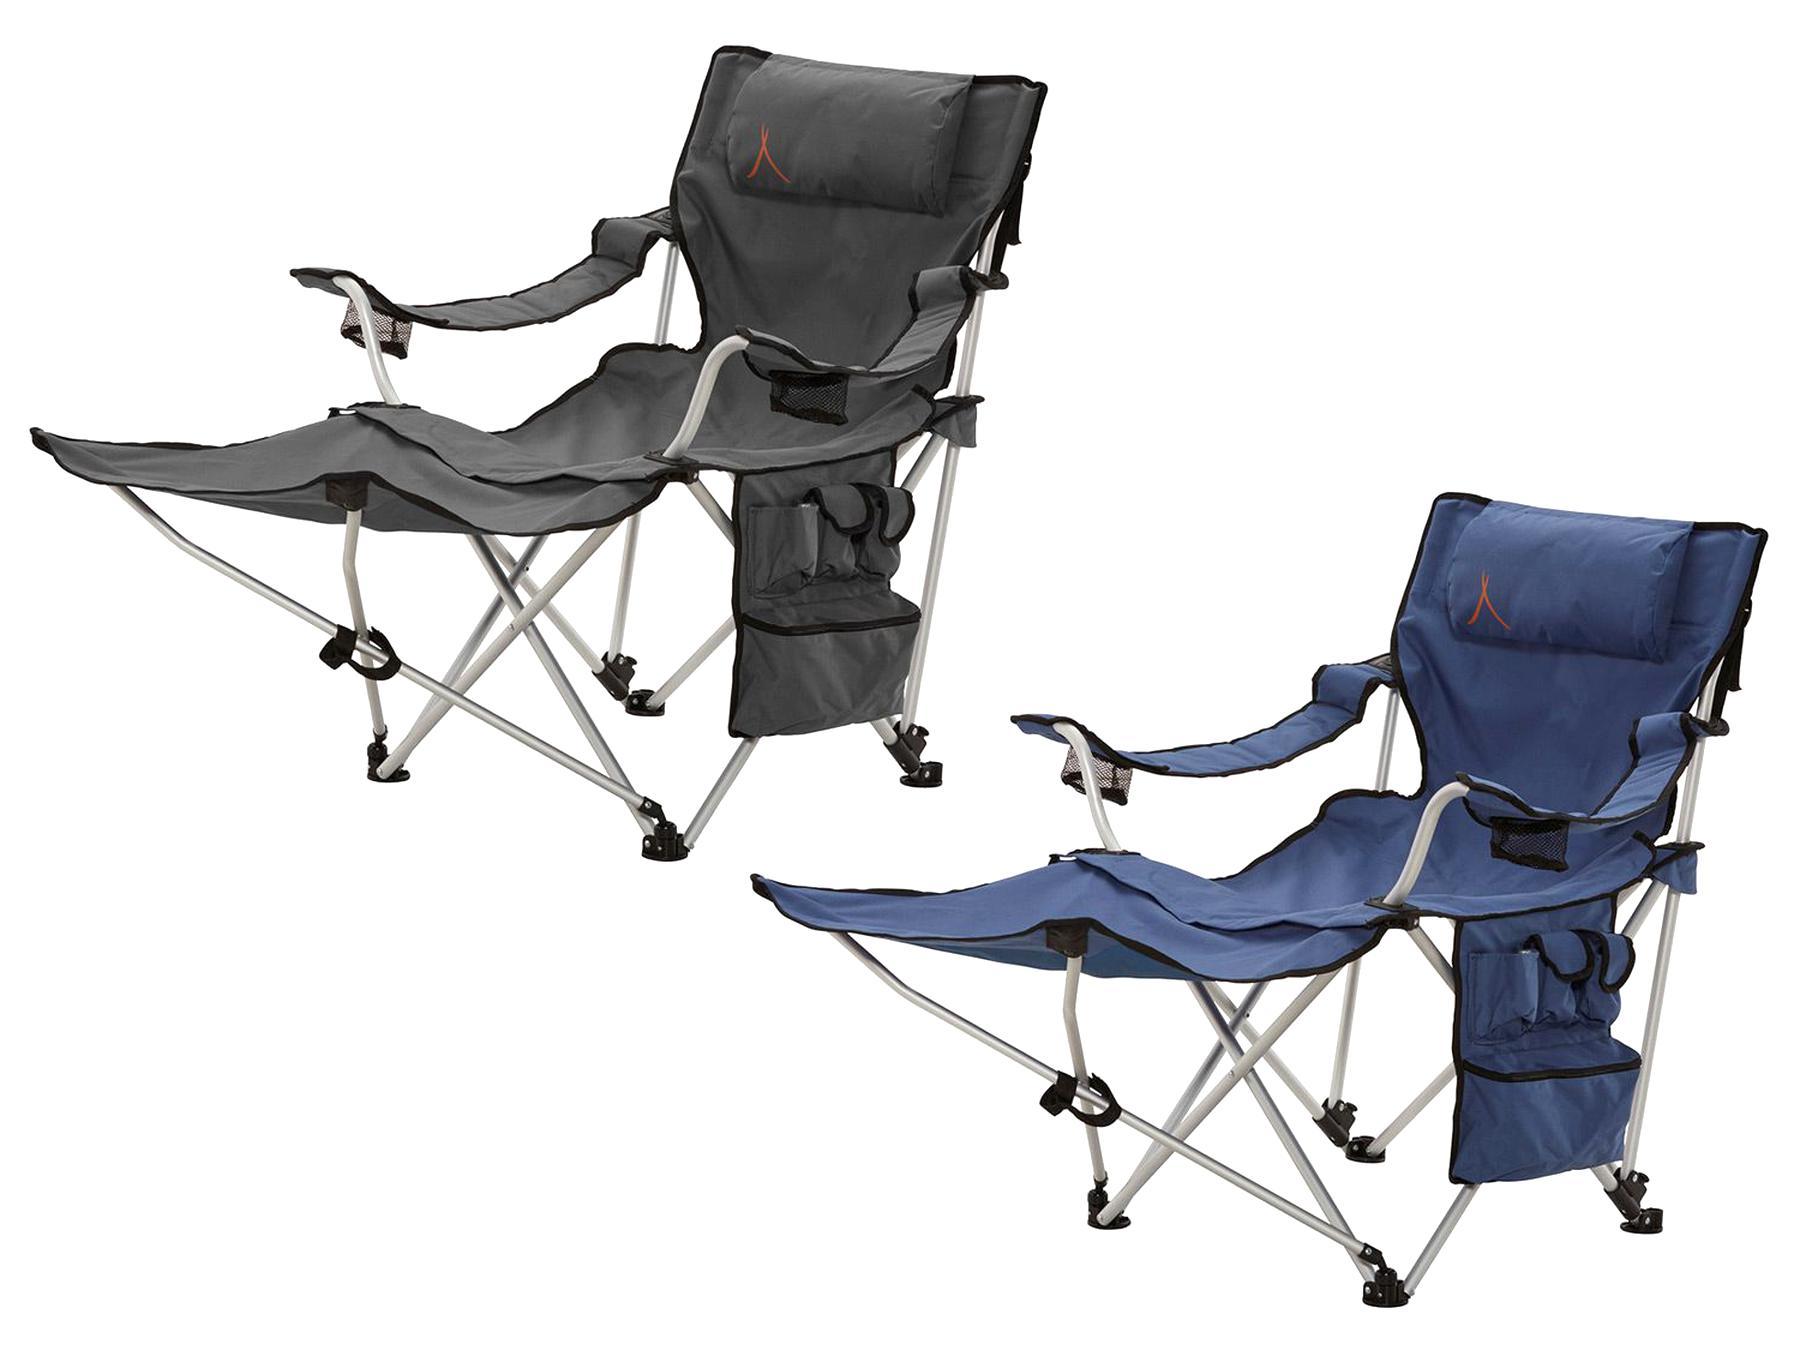 Liegestuhl Gebraucht.Camping Liegestuhl Gebraucht Kaufen Nur 2 St Bis 75